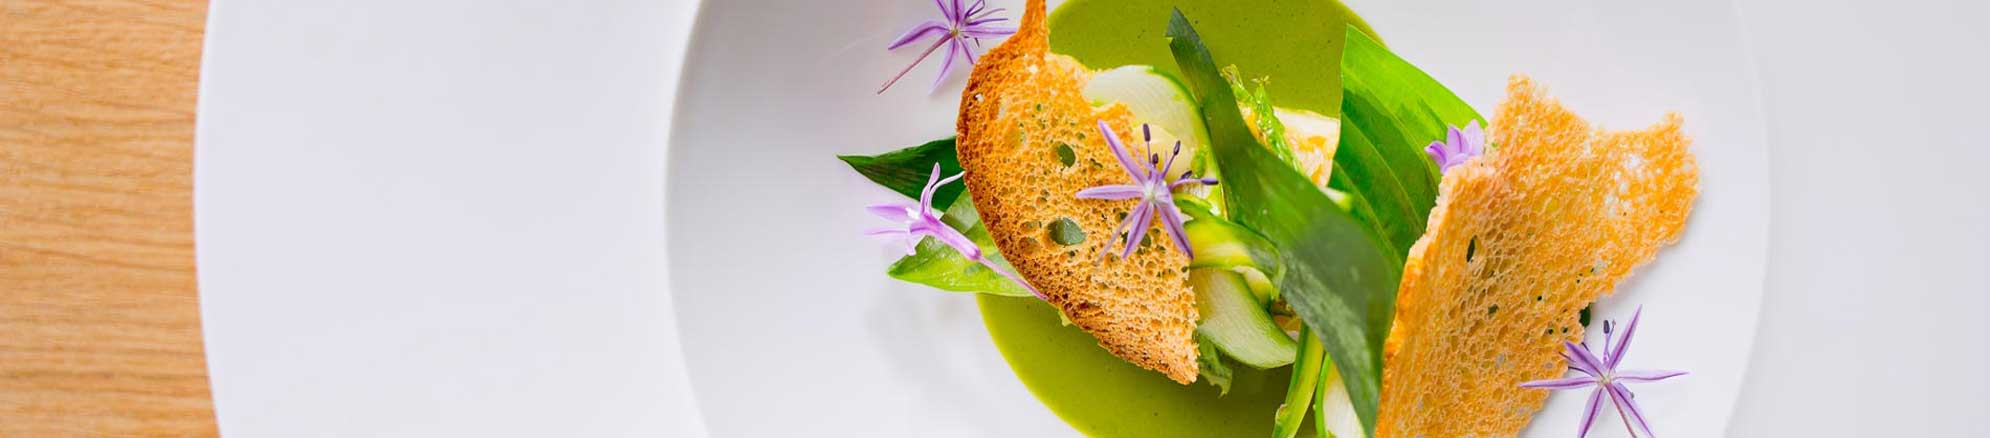 Gastronomisch arrangement